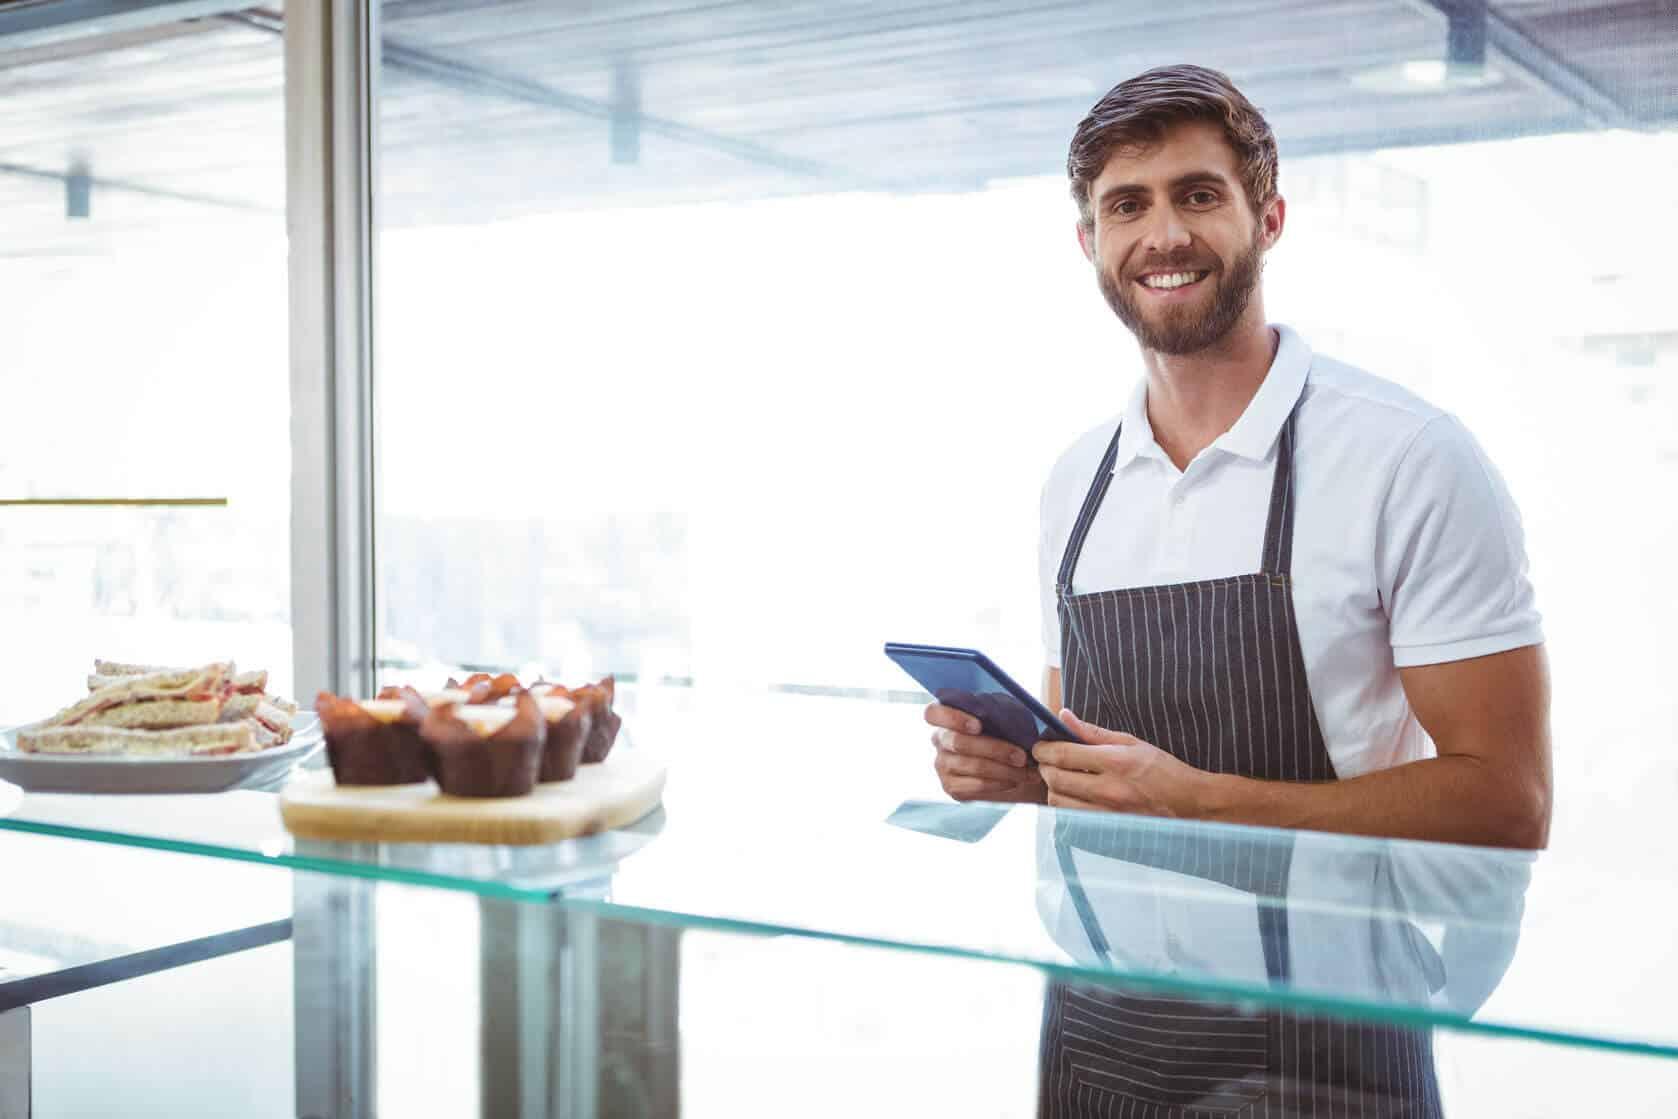 fröhlicher Mann vor einer Glastheke in einem Gastronomie-Unternehmen, arbeitet mit dem Kassensystem von GastroSoft